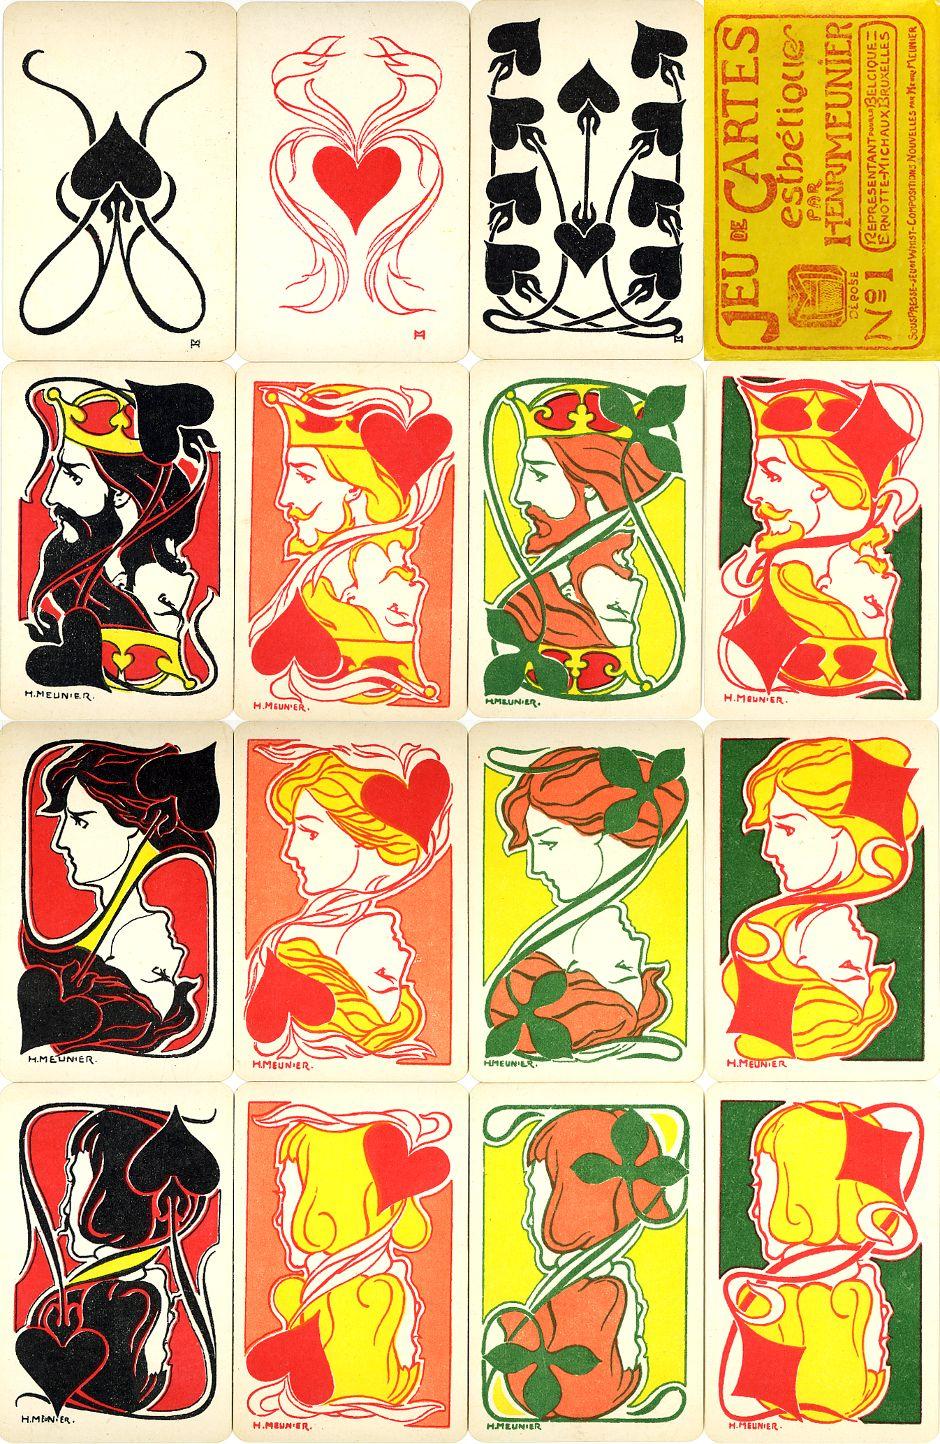 Jeu de Cartes Estétique Nº1, designed by Henri Meunier & published by Ernotte Michaux, 1900